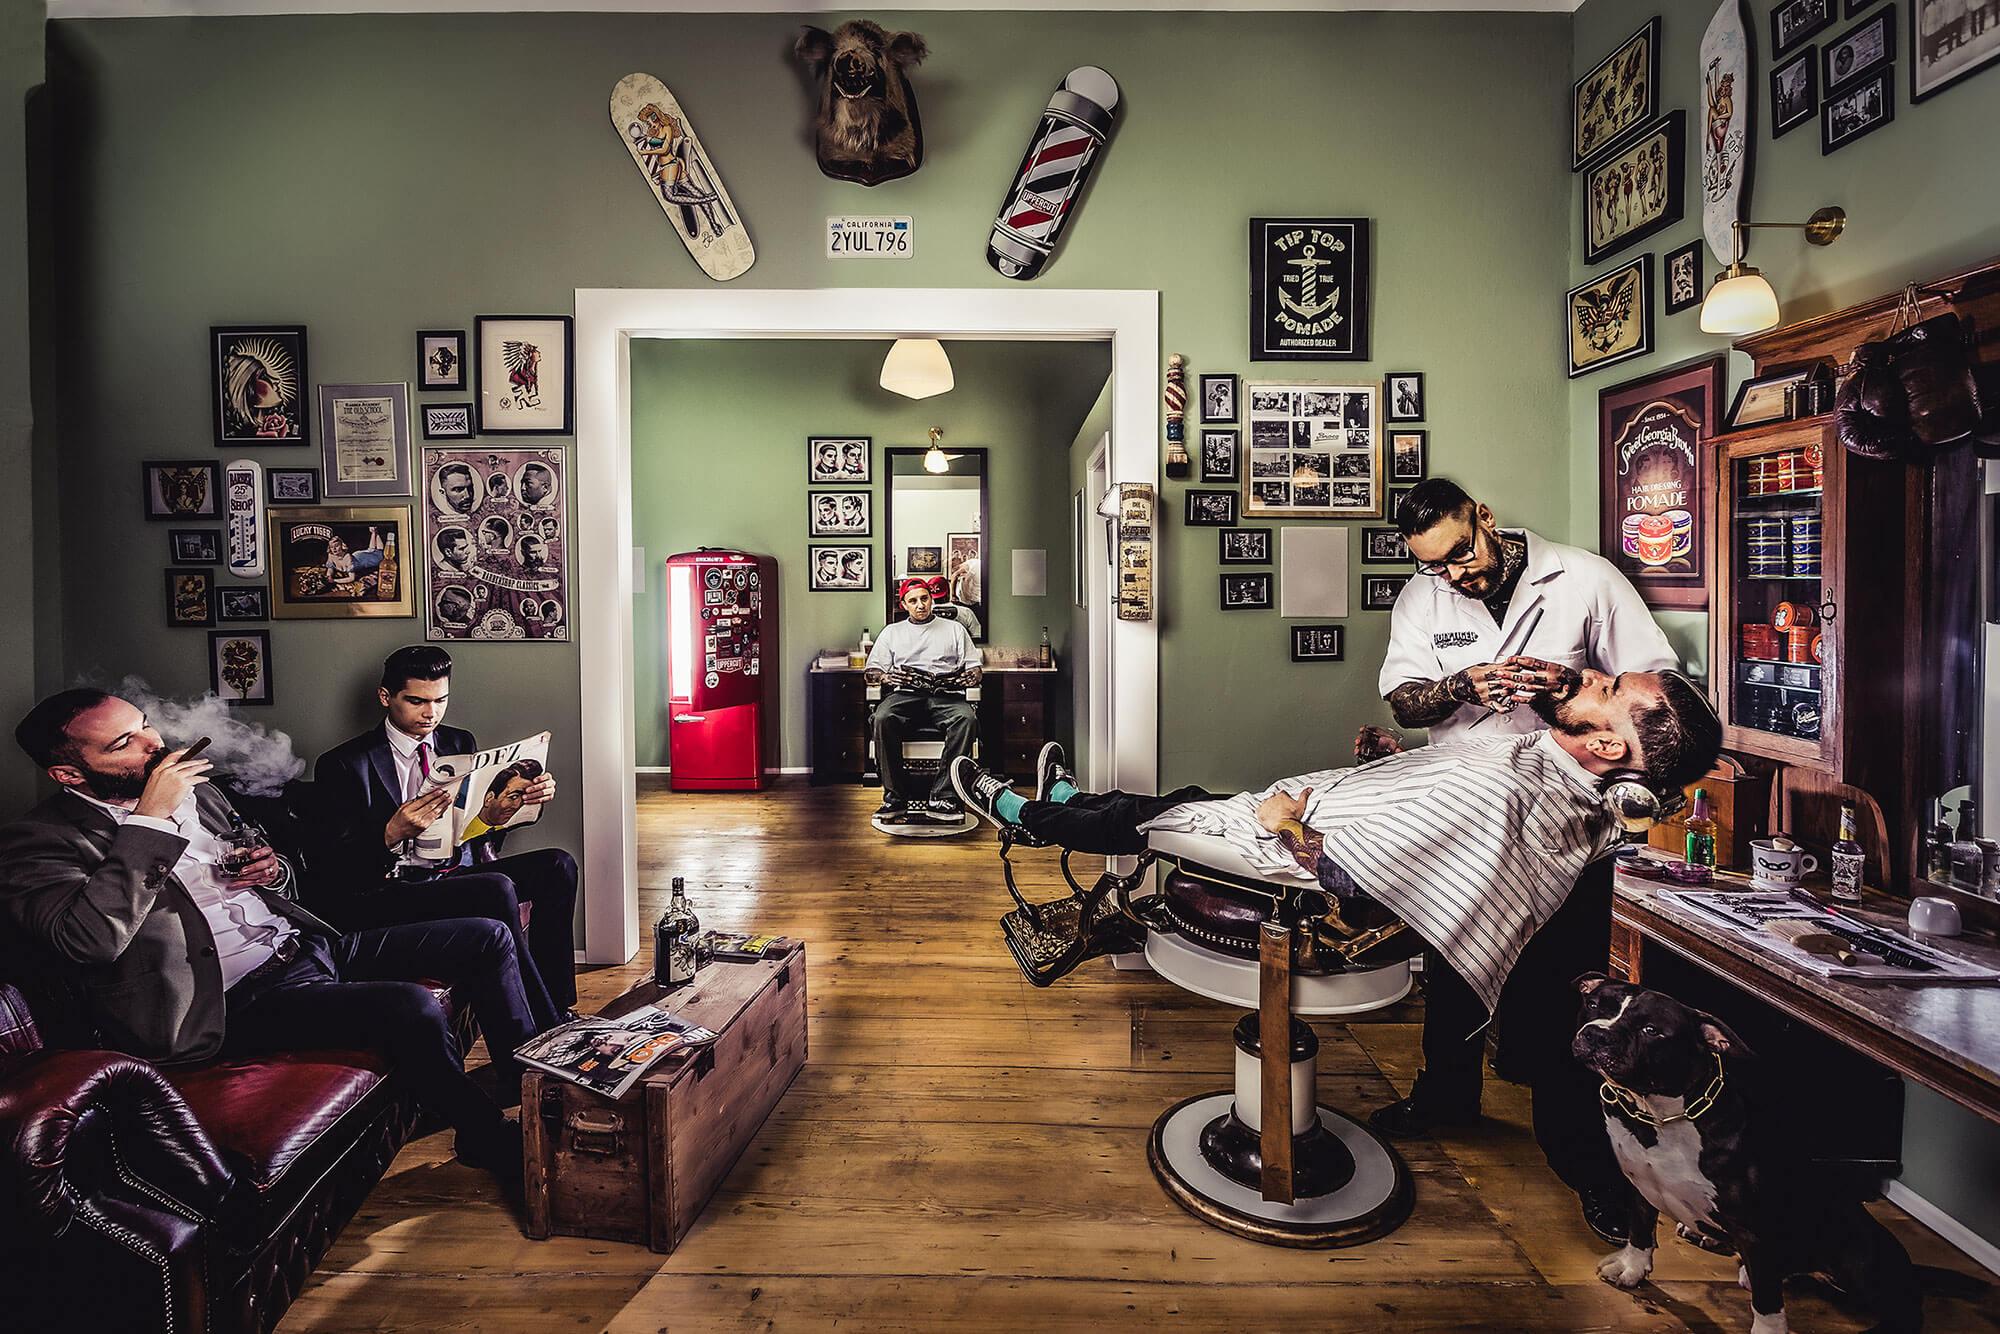 Das Barbershop gilt nicht nur als einen Friseurladen, sondern auch als einen Männerclub, wo Sie wohl fühlen und ganz gut gepflegt werden.